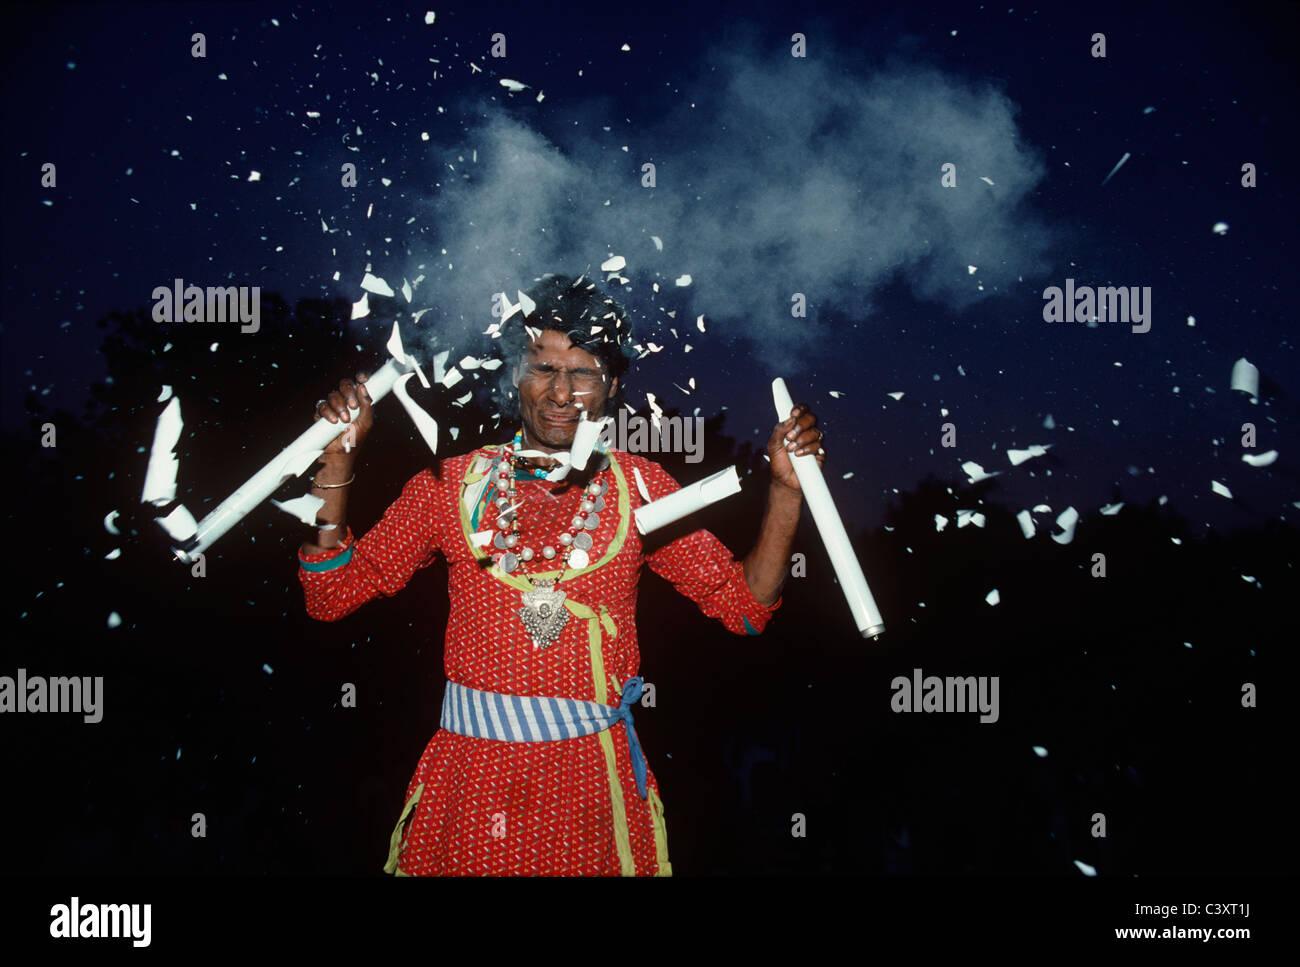 Indian Street Performer rompe bombillas en su cabeza. Nueva Delhi, India Imagen De Stock